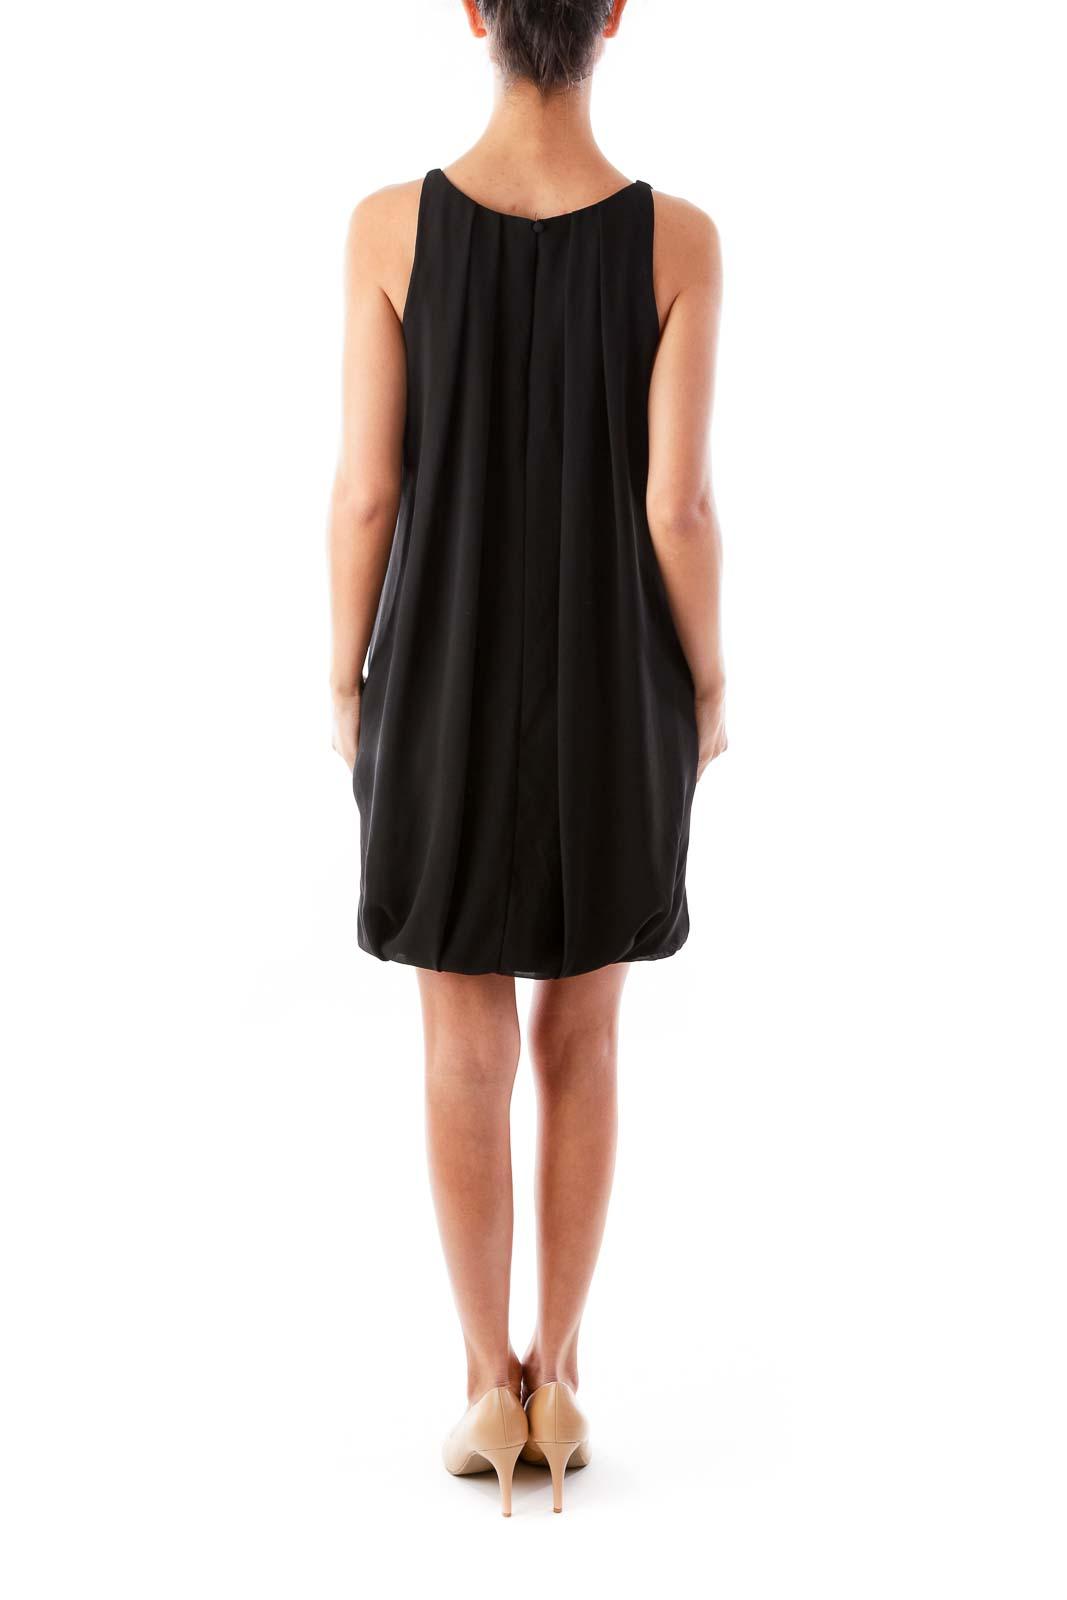 Black Tent Dress  sc 1 st  SilkRoll & Black Tent Dress [2] - SilkRoll